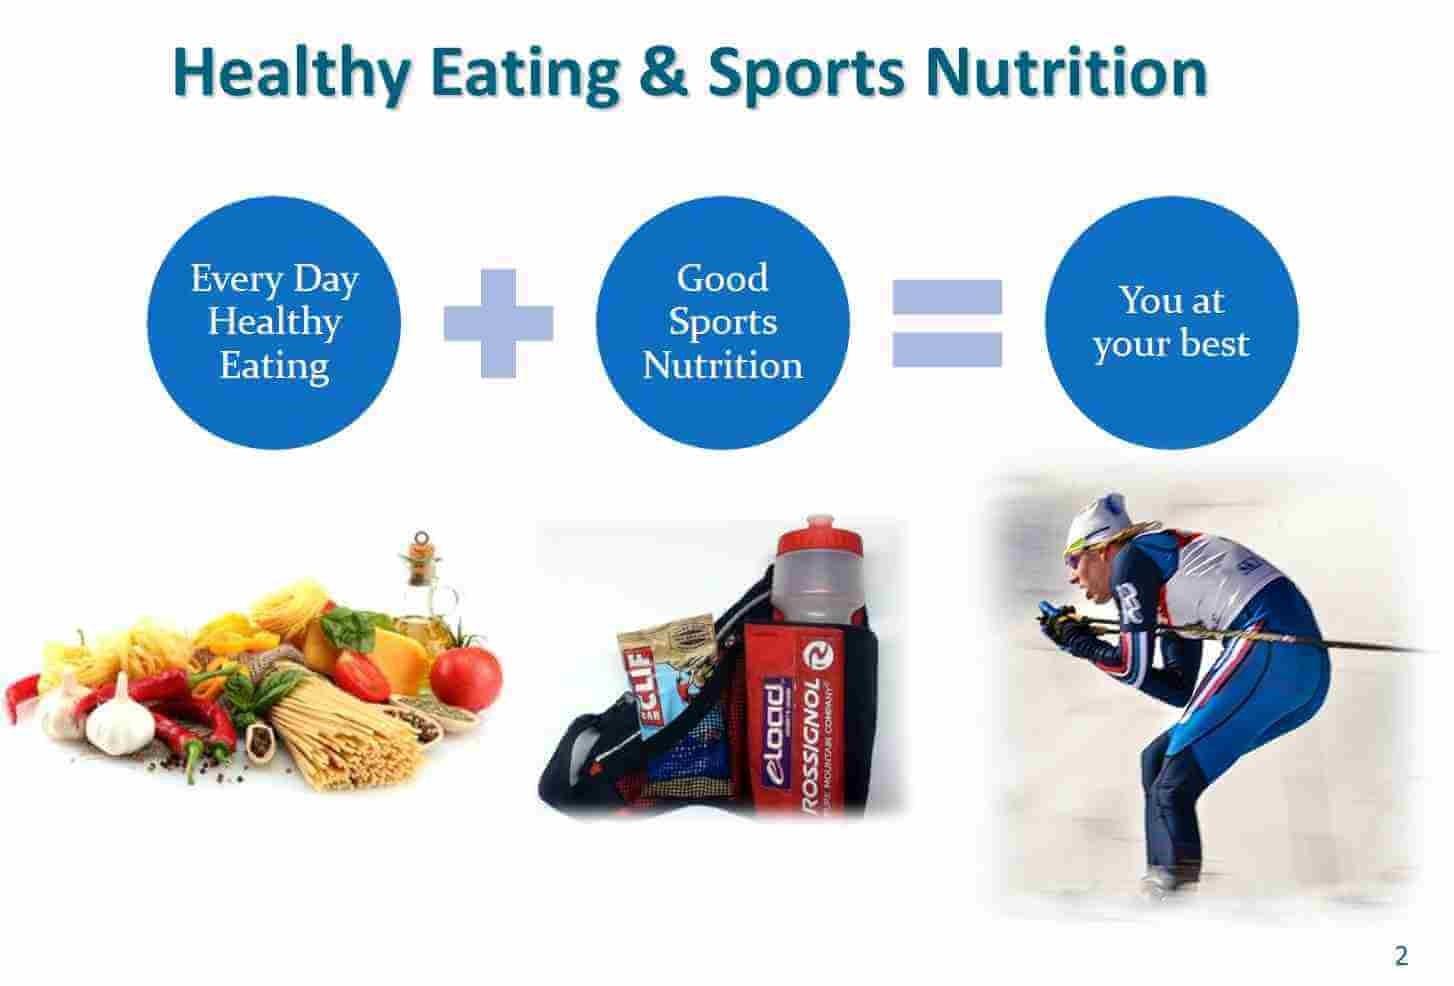 Suplementos Desportivos Fazem Mal ou Trazem Beneficios